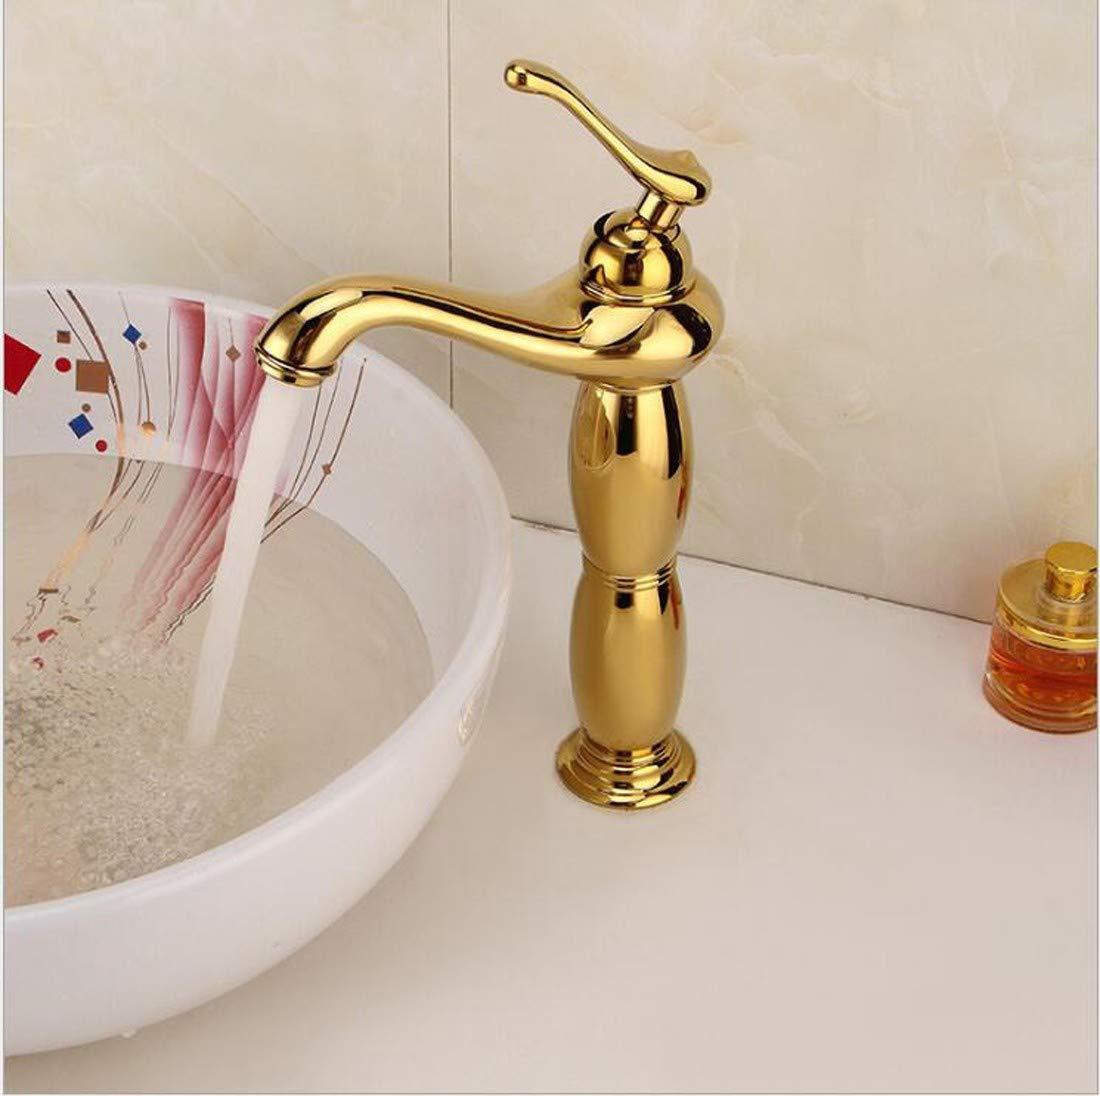 Europäischen Stil,Gold,Kupfer Retro-Becken Wasserhahn,Warmes Und Kaltes Wasser Mischen Wasserhahn,Einfache,Mit Waschbecken Wasserhahn,Hotel Luxus-Tabelle Wasserhahn